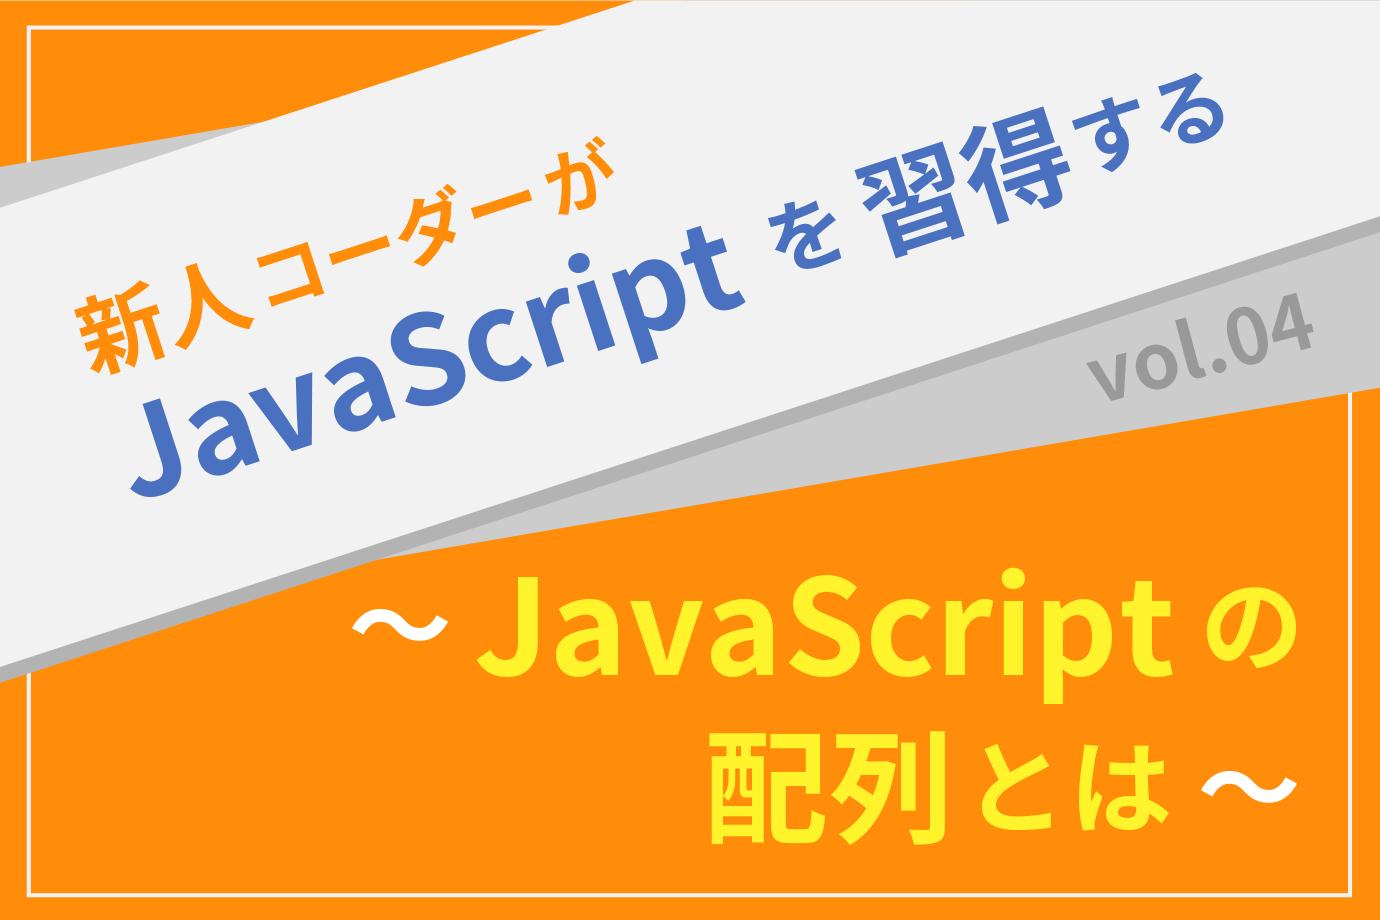 【新人コーダーがJavaScriptを習得する】vol.04 〜JavaScriptの配列とは〜